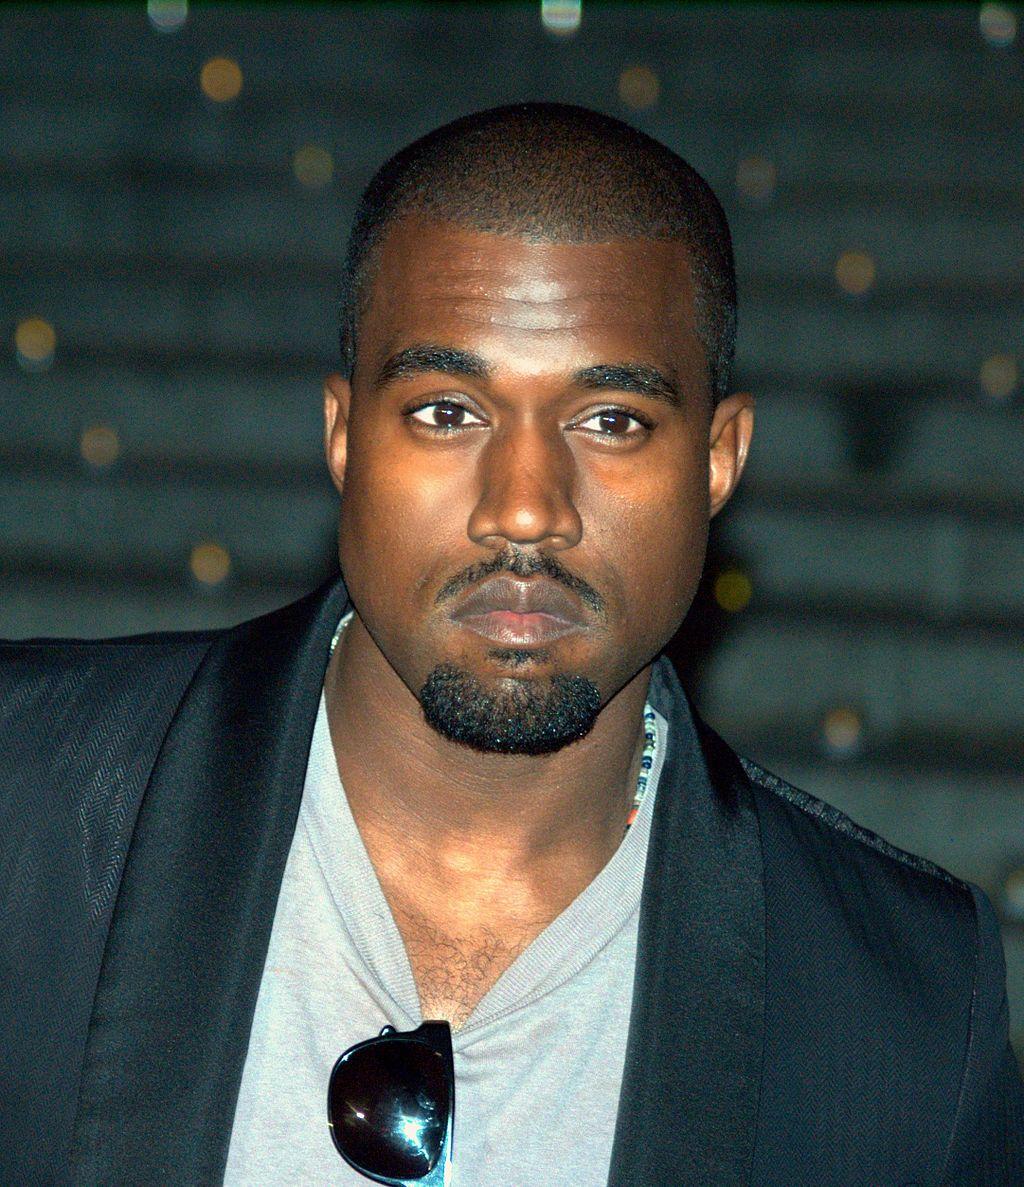 Kanye West at the 2009 Tribeca Film Festival Räppäri vaati pyörätuolissa istuvaa nousemaan ylös   En jatka konserttia ennen kuin nouset ylös